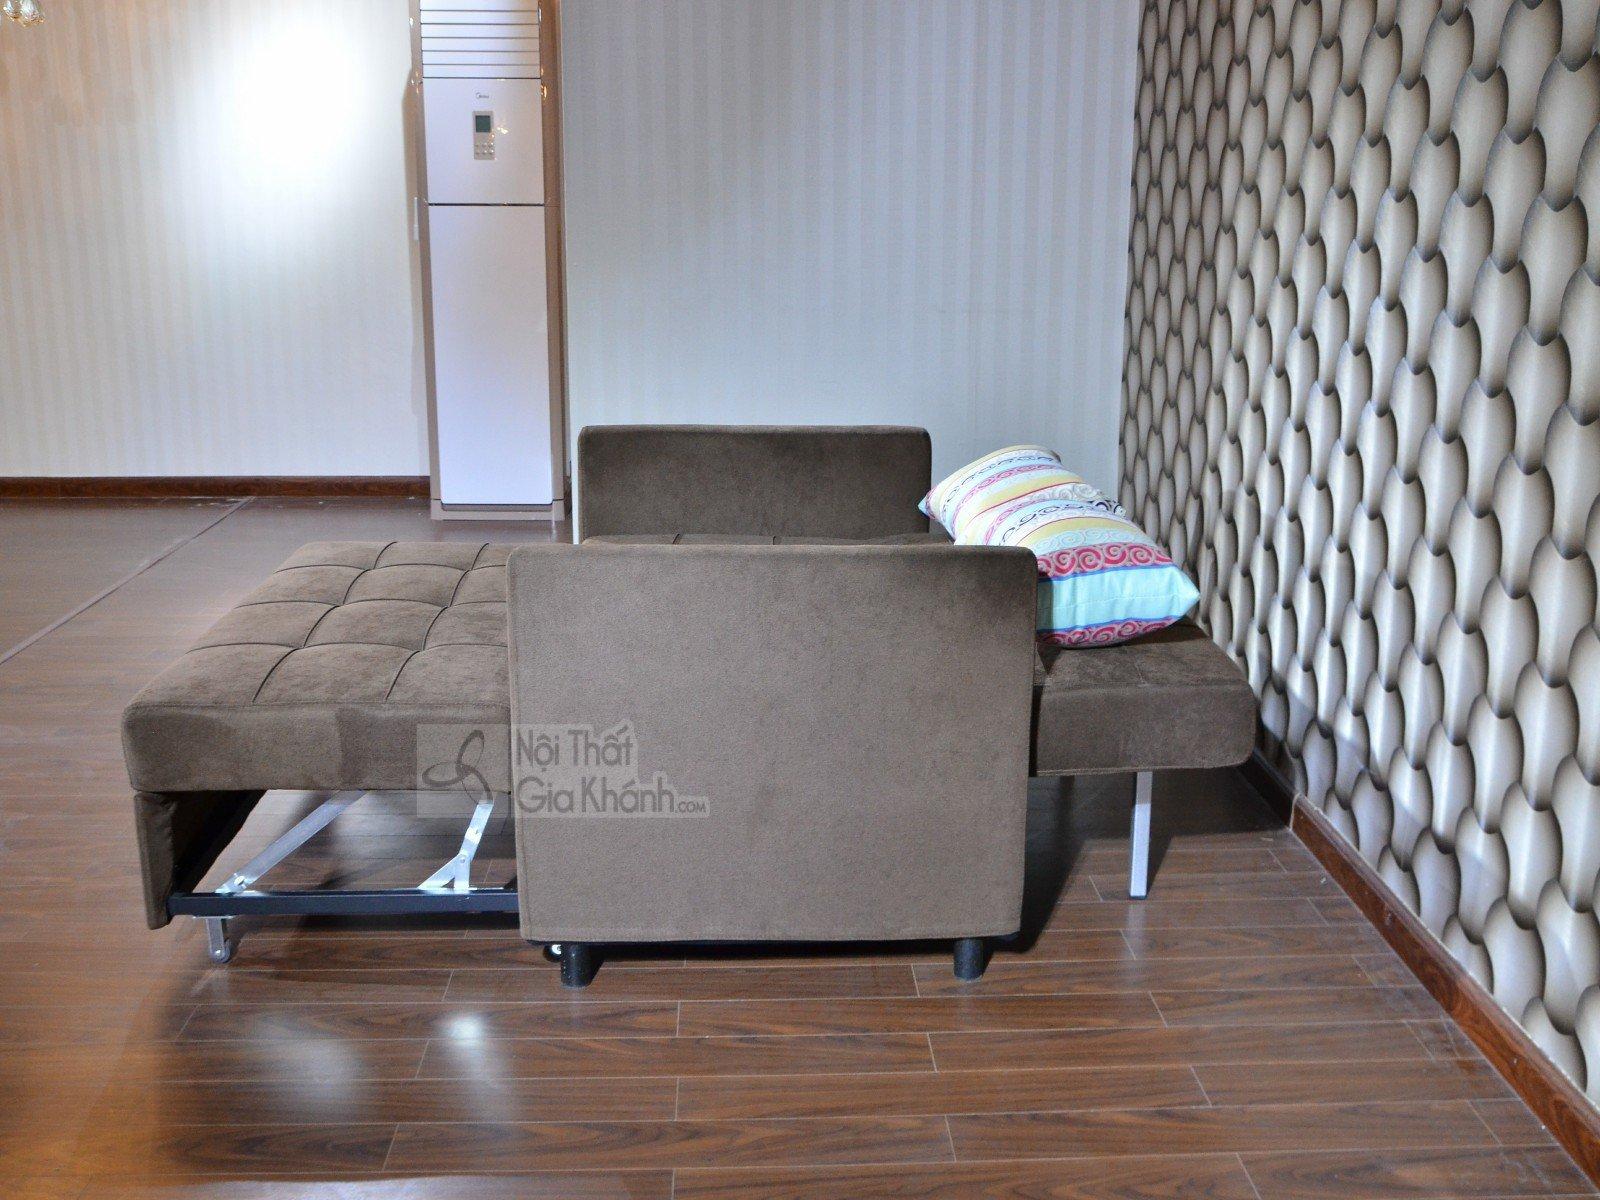 Sofa đa năng - Sofa giường - Sofa bed mã SF161-7 - sofa da nang SF161 7 19